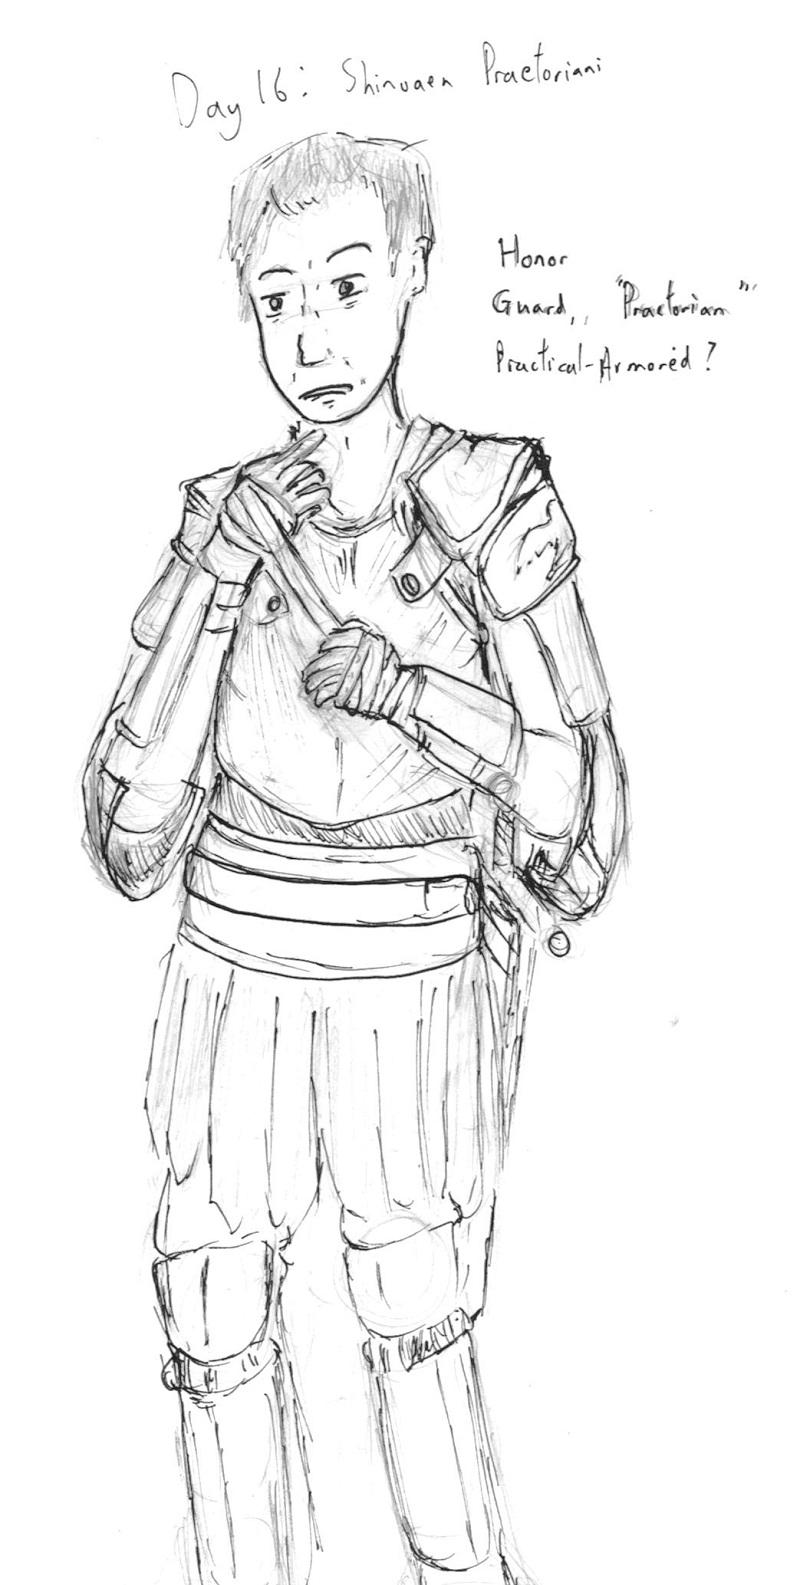 16- Shinoaen Praetoriani